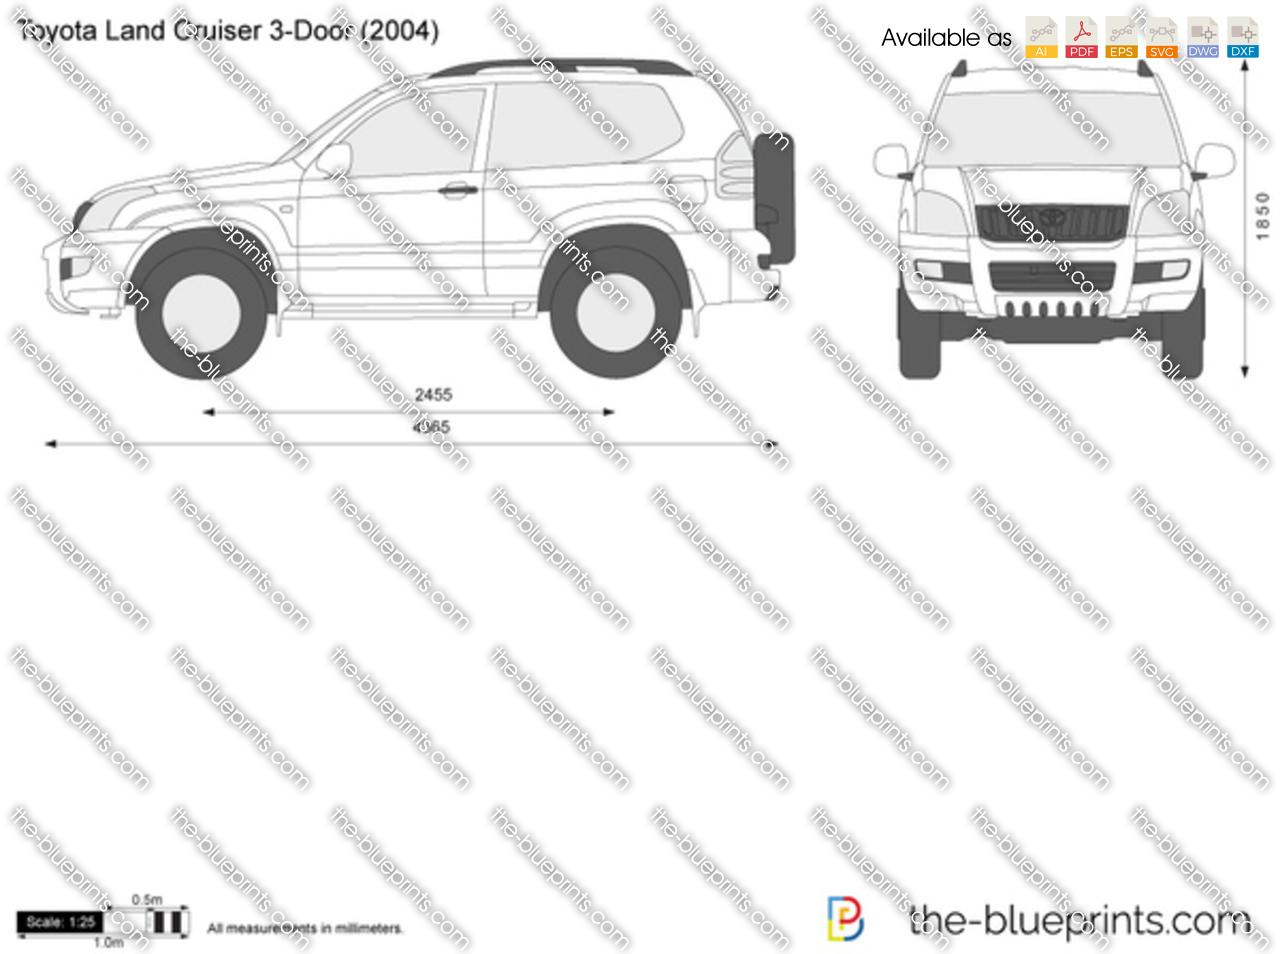 Toyota Land Cruiser 3-Door vector drawing